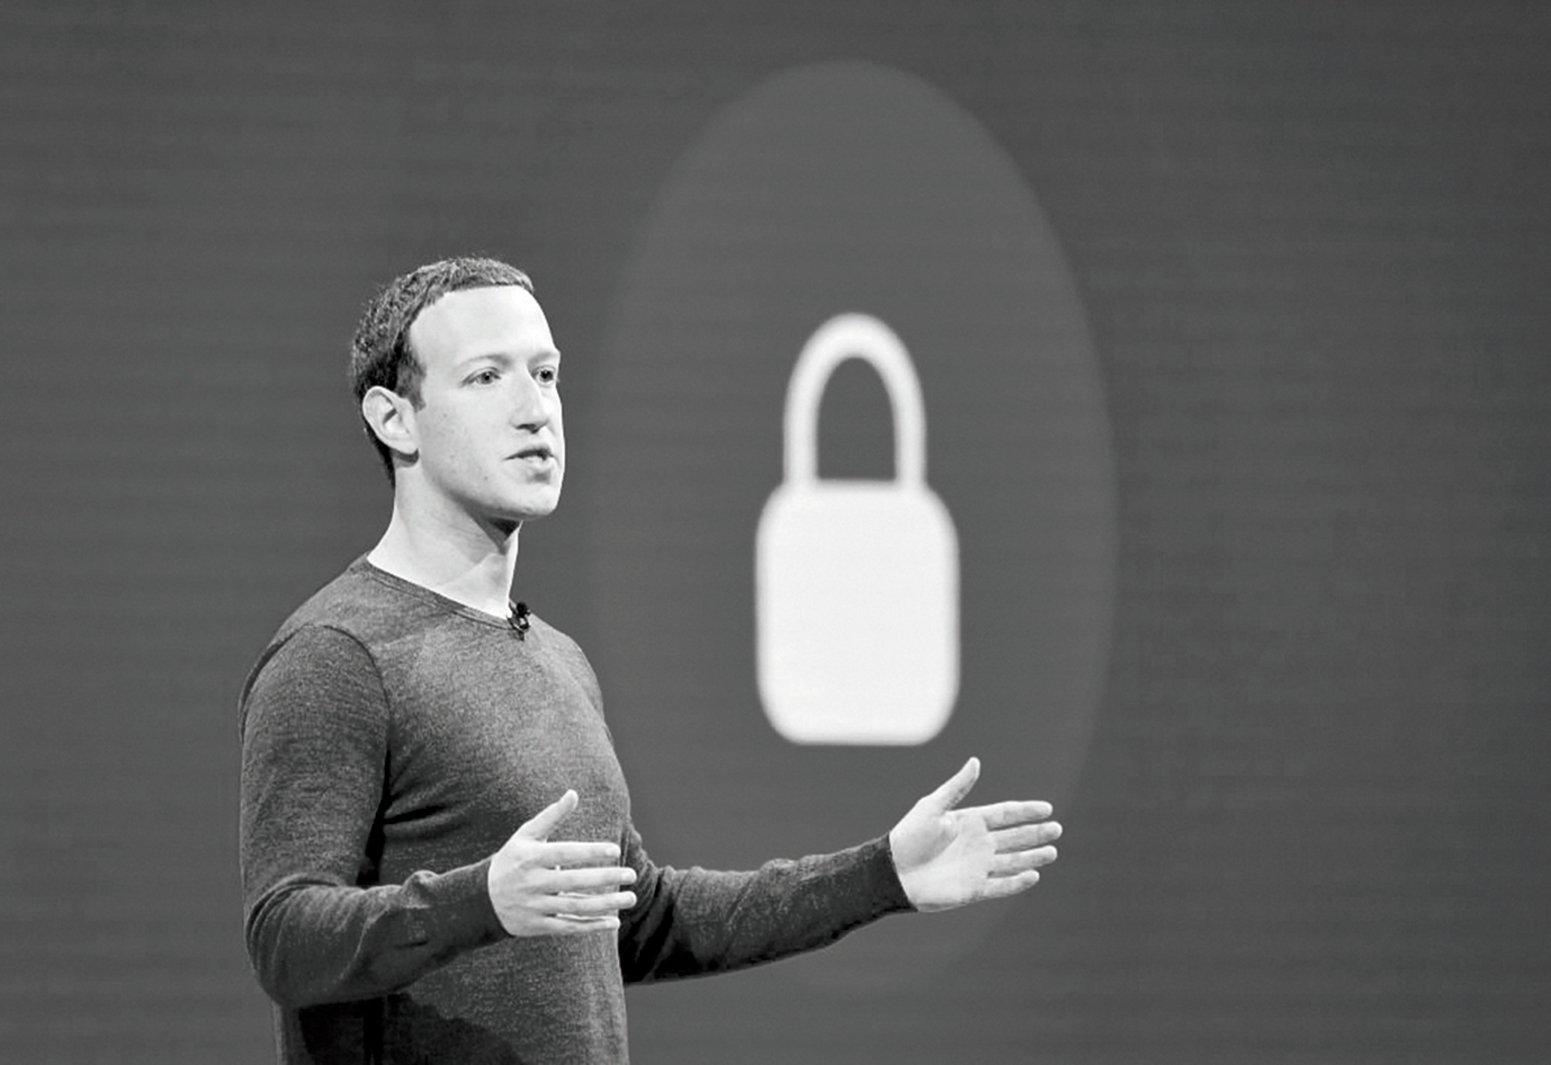 調查記者博卡哈利表示面書聘用來自極權國家員工「管制」言論。面書創始人馬克朱克伯格(Mark Zuckerberg)。(JOSH EDELSON/AFP/Getty Images)